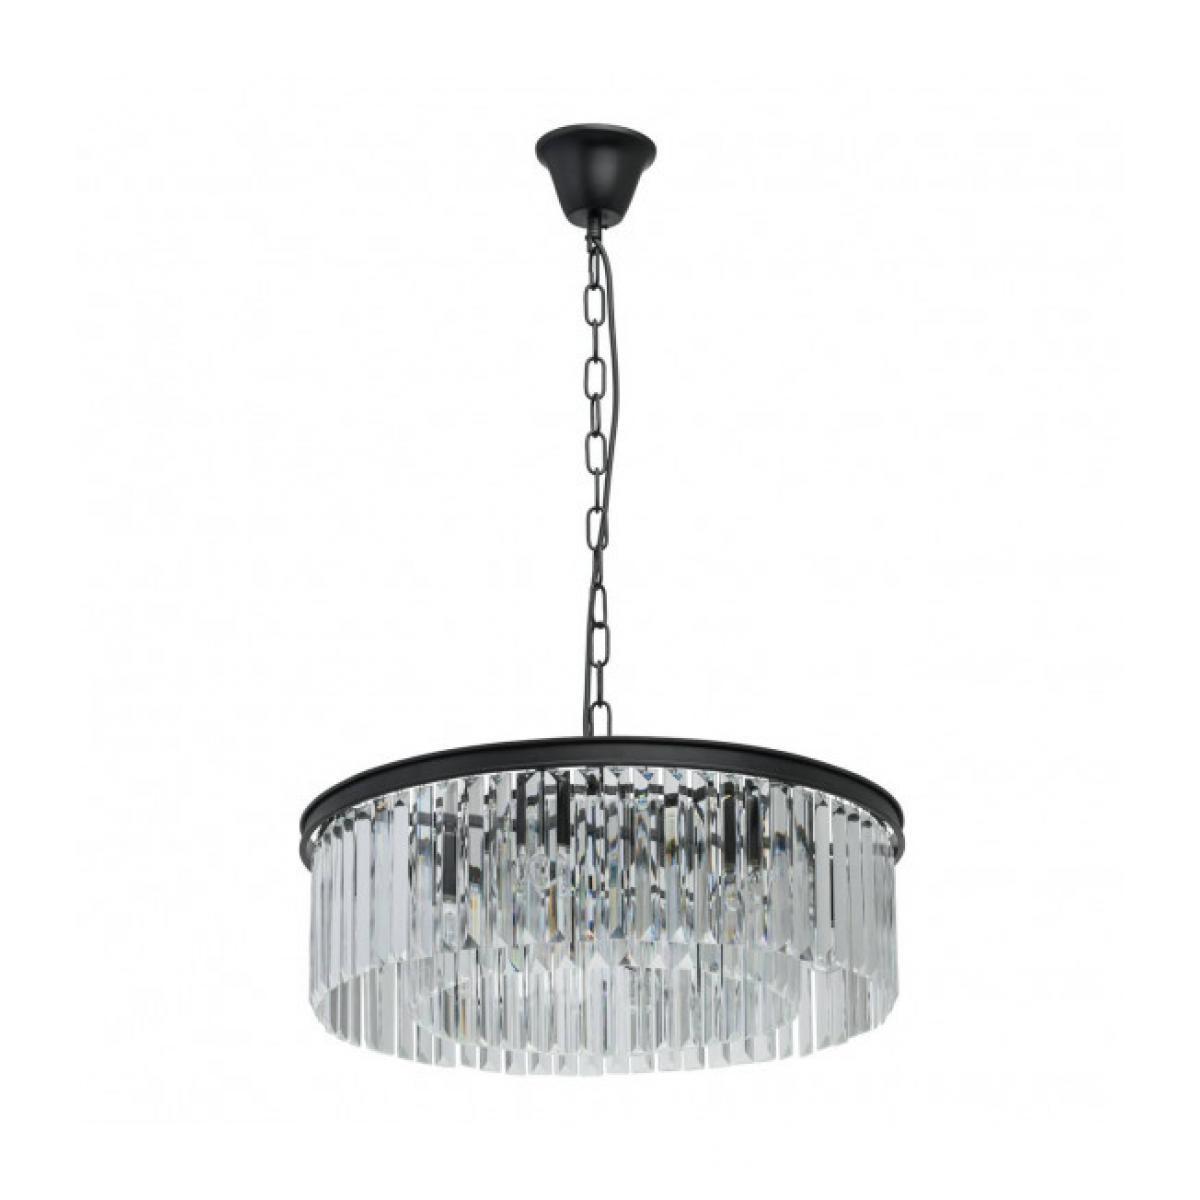 Luminaire Center Suspension noire Loft 6 ampoules 86 Cm abat jour transparent